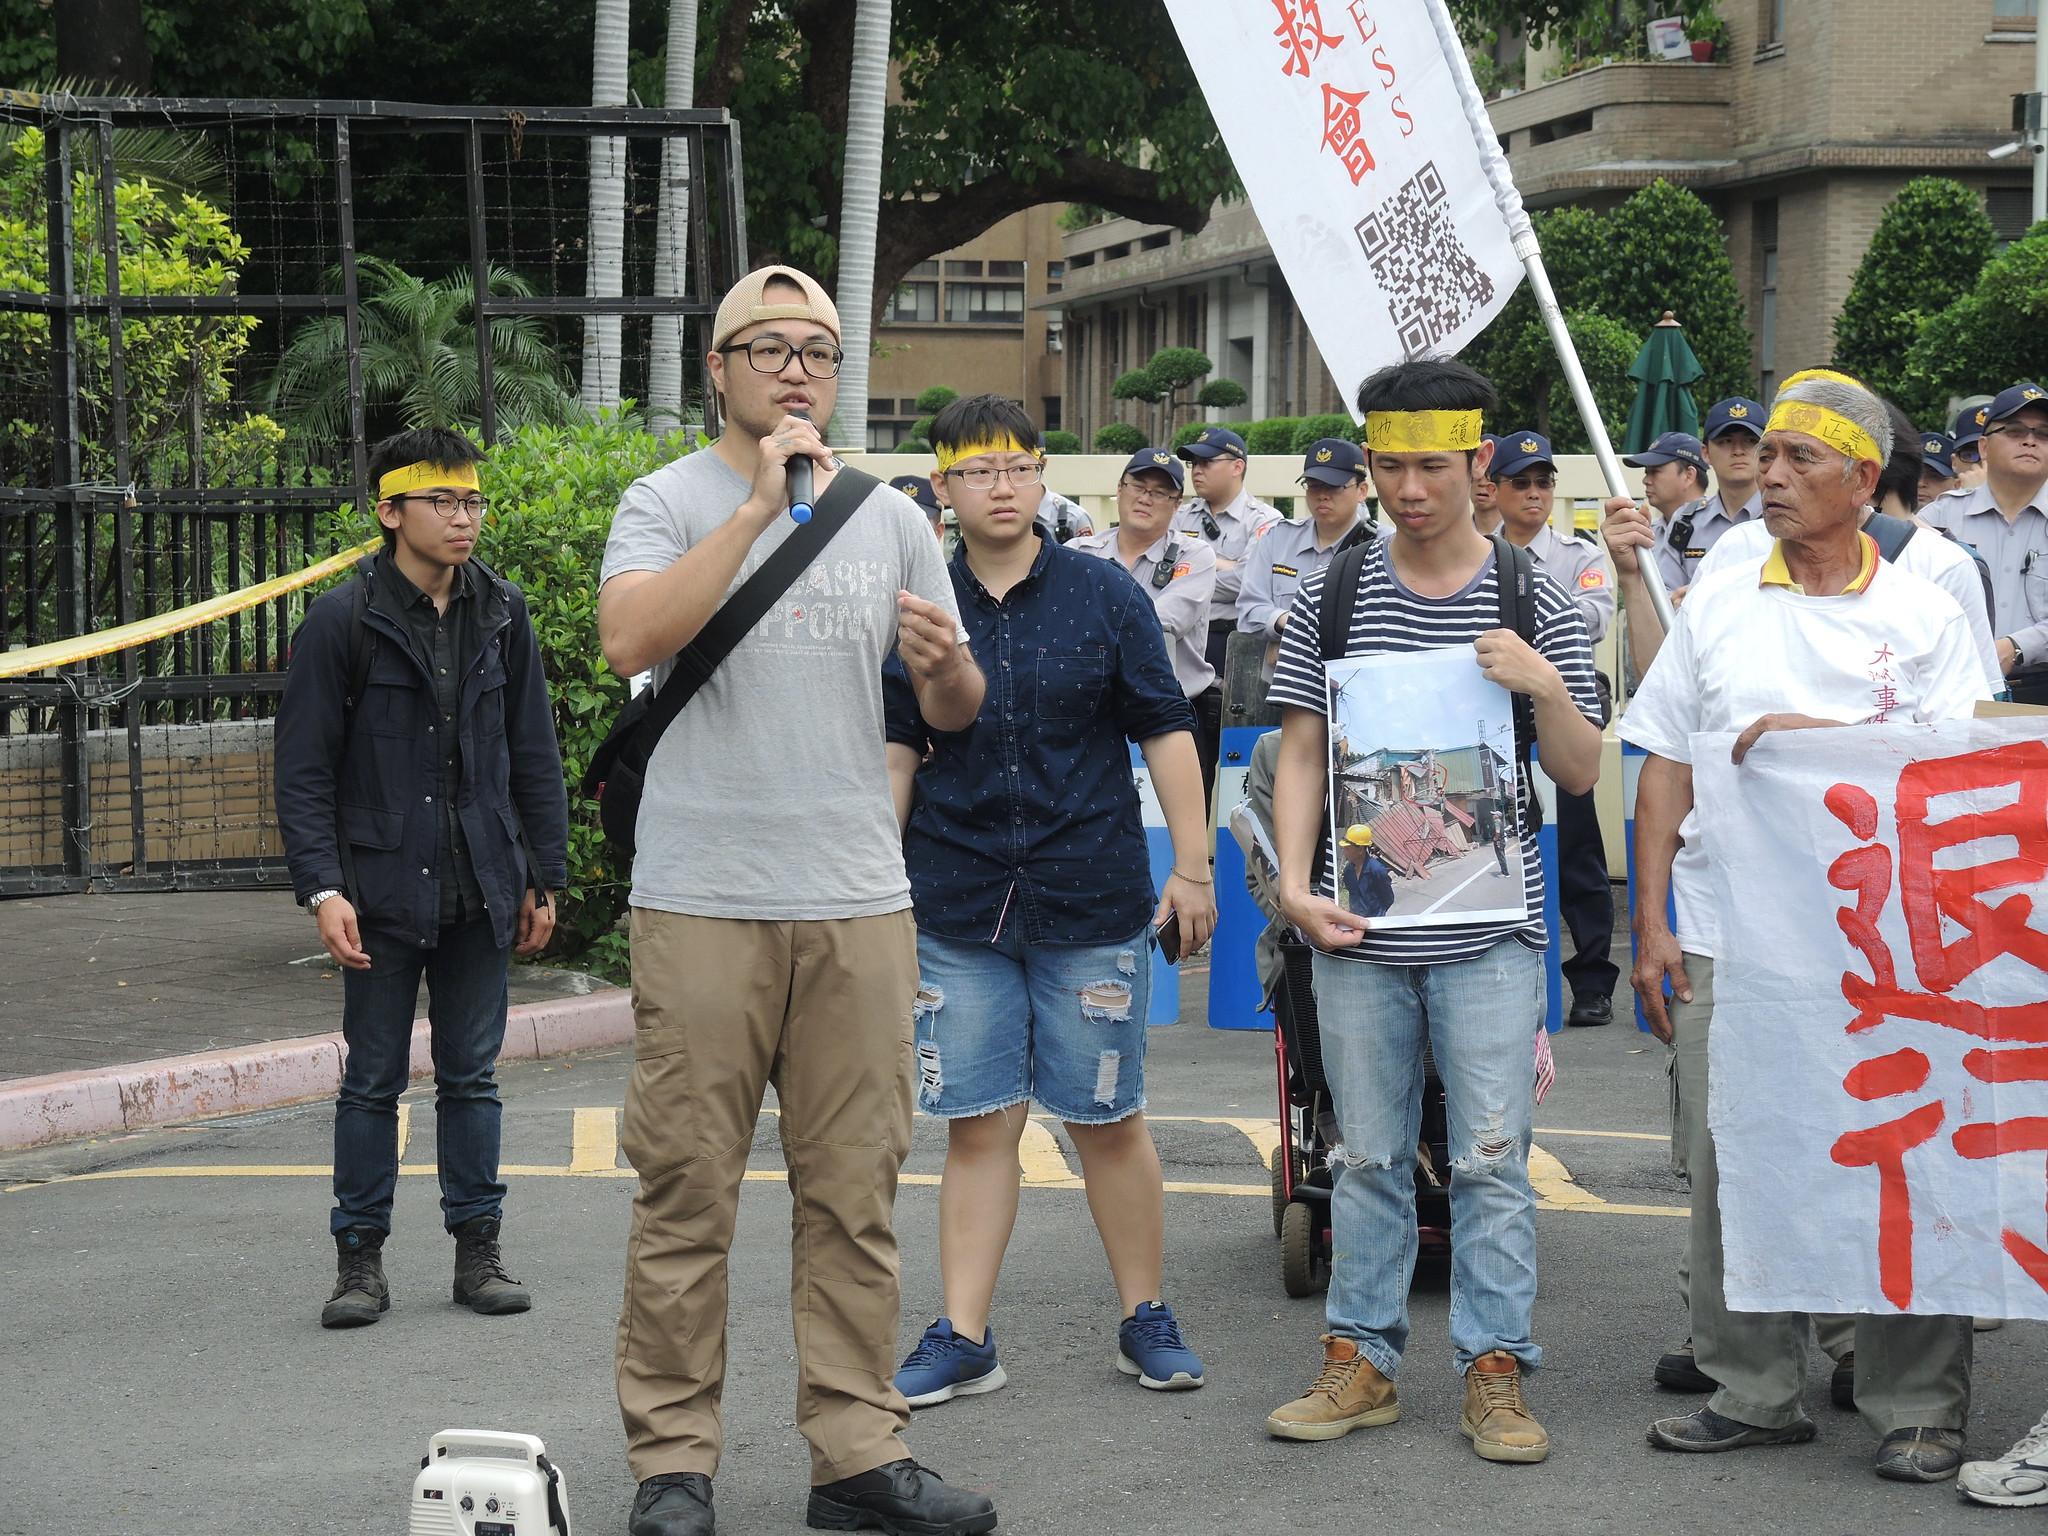 華光社區聲援者潘承祐指出,迫遷的問題源頭在於政府的土地活化政策。(攝影:曾福全)